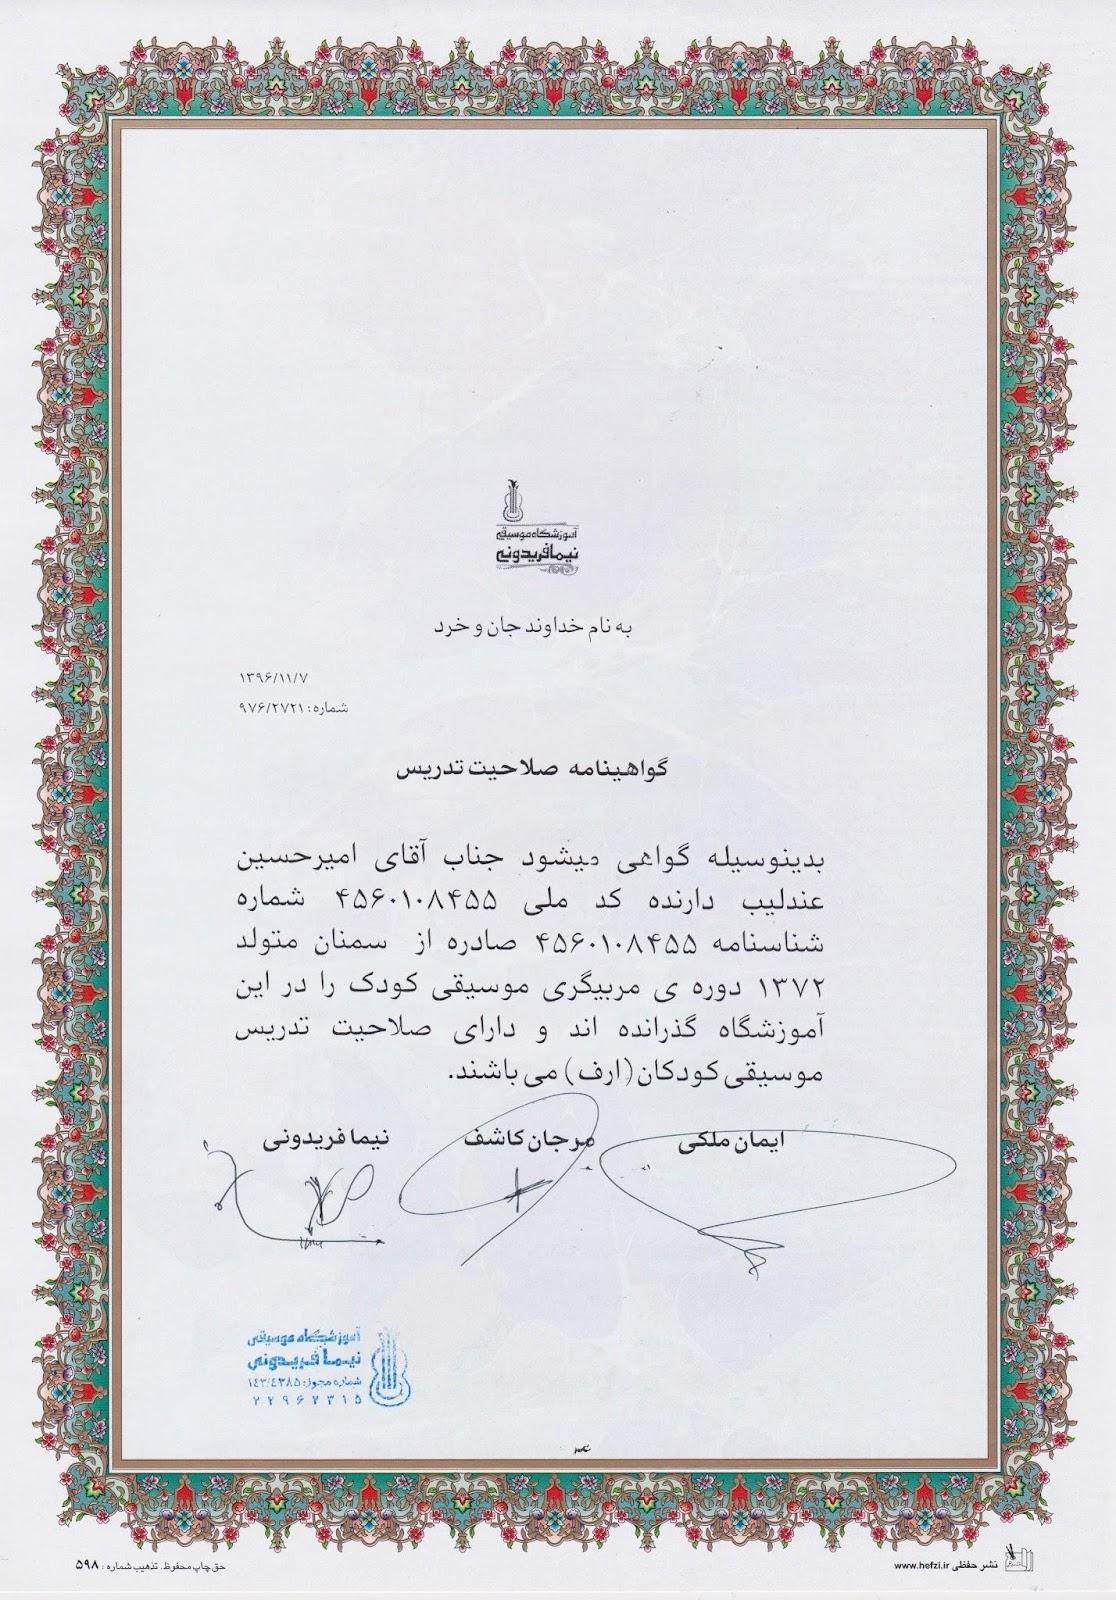 گواهینامه کارت صلاحیت تدریس مربیگری موسیقی کودک ارف امیرحسین عندلیب